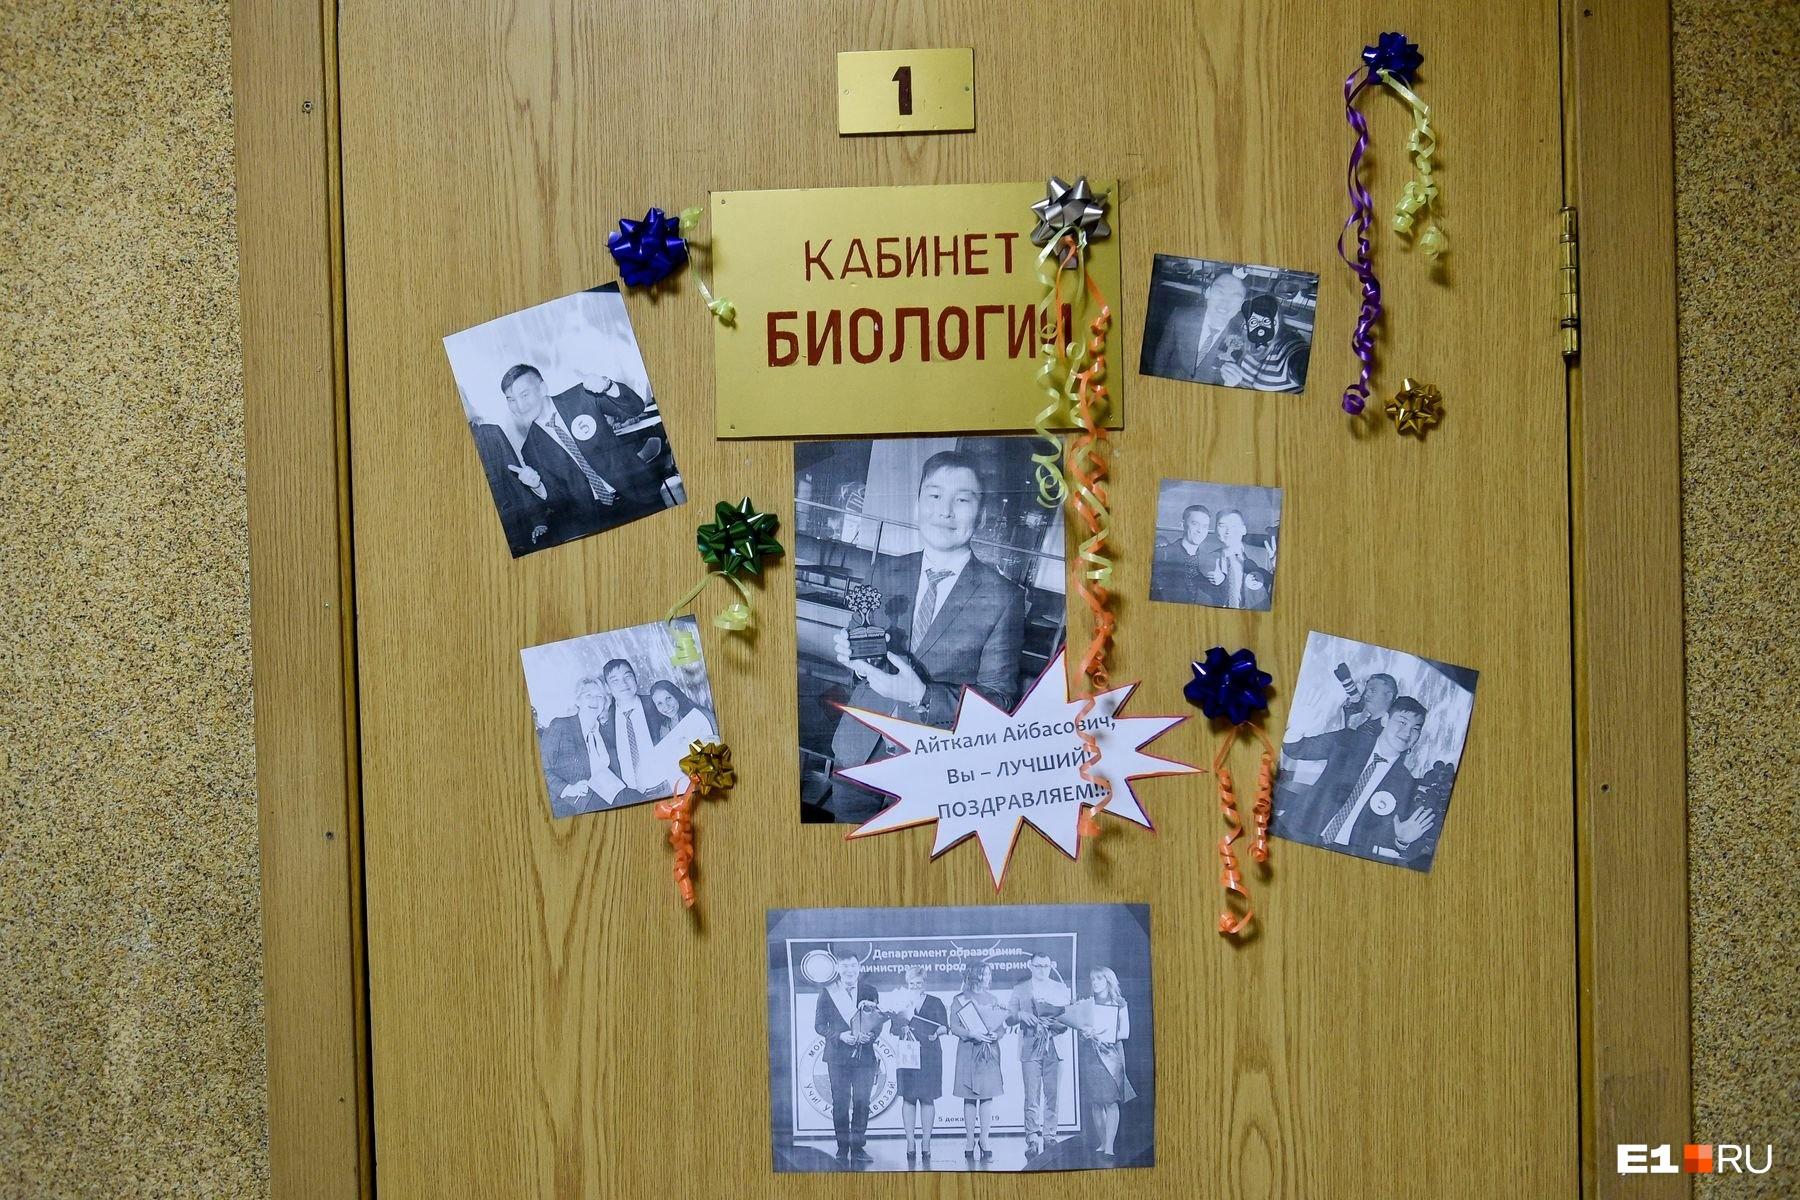 Кабинет биологии — самый первый из классных кабинетов — теперь украшен фотографиями преподавателя